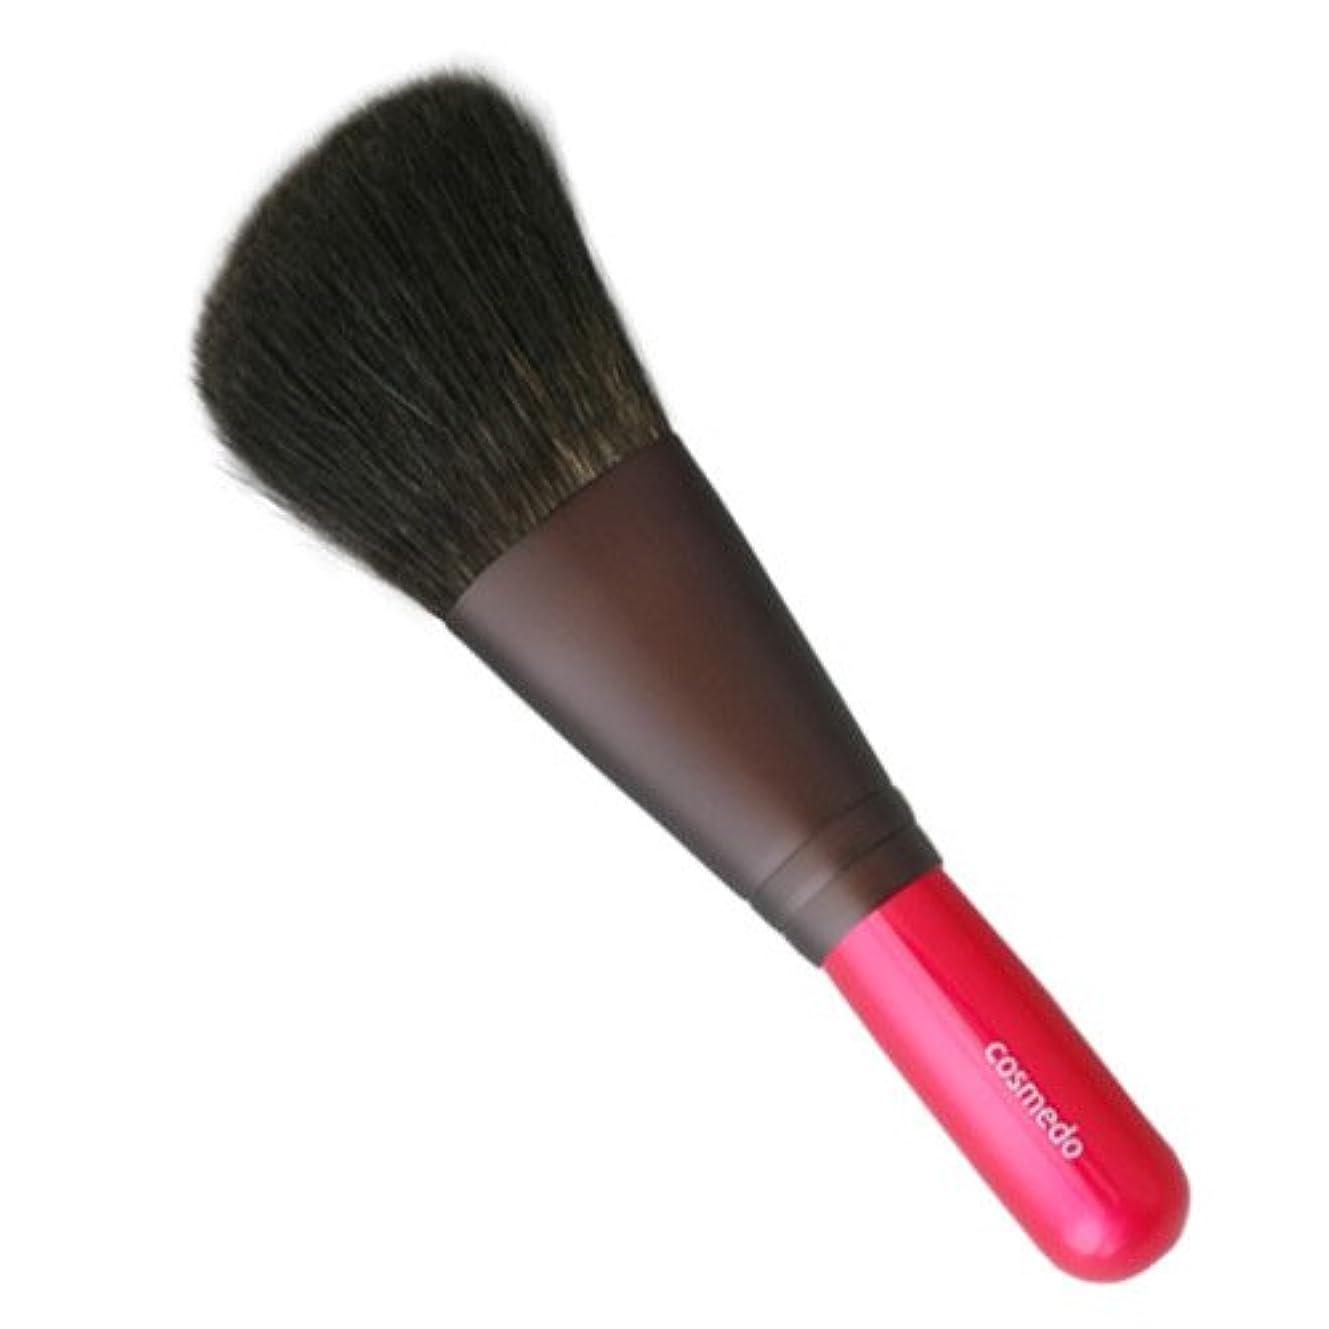 楽観的ダッシュジョグ匠の化粧筆コスメ堂 熊野筆 メイクブラシ 灰リス100% ナナメ フェイスブラシ(パウダーブラシ)日本製 ショートタイプ PK-F01